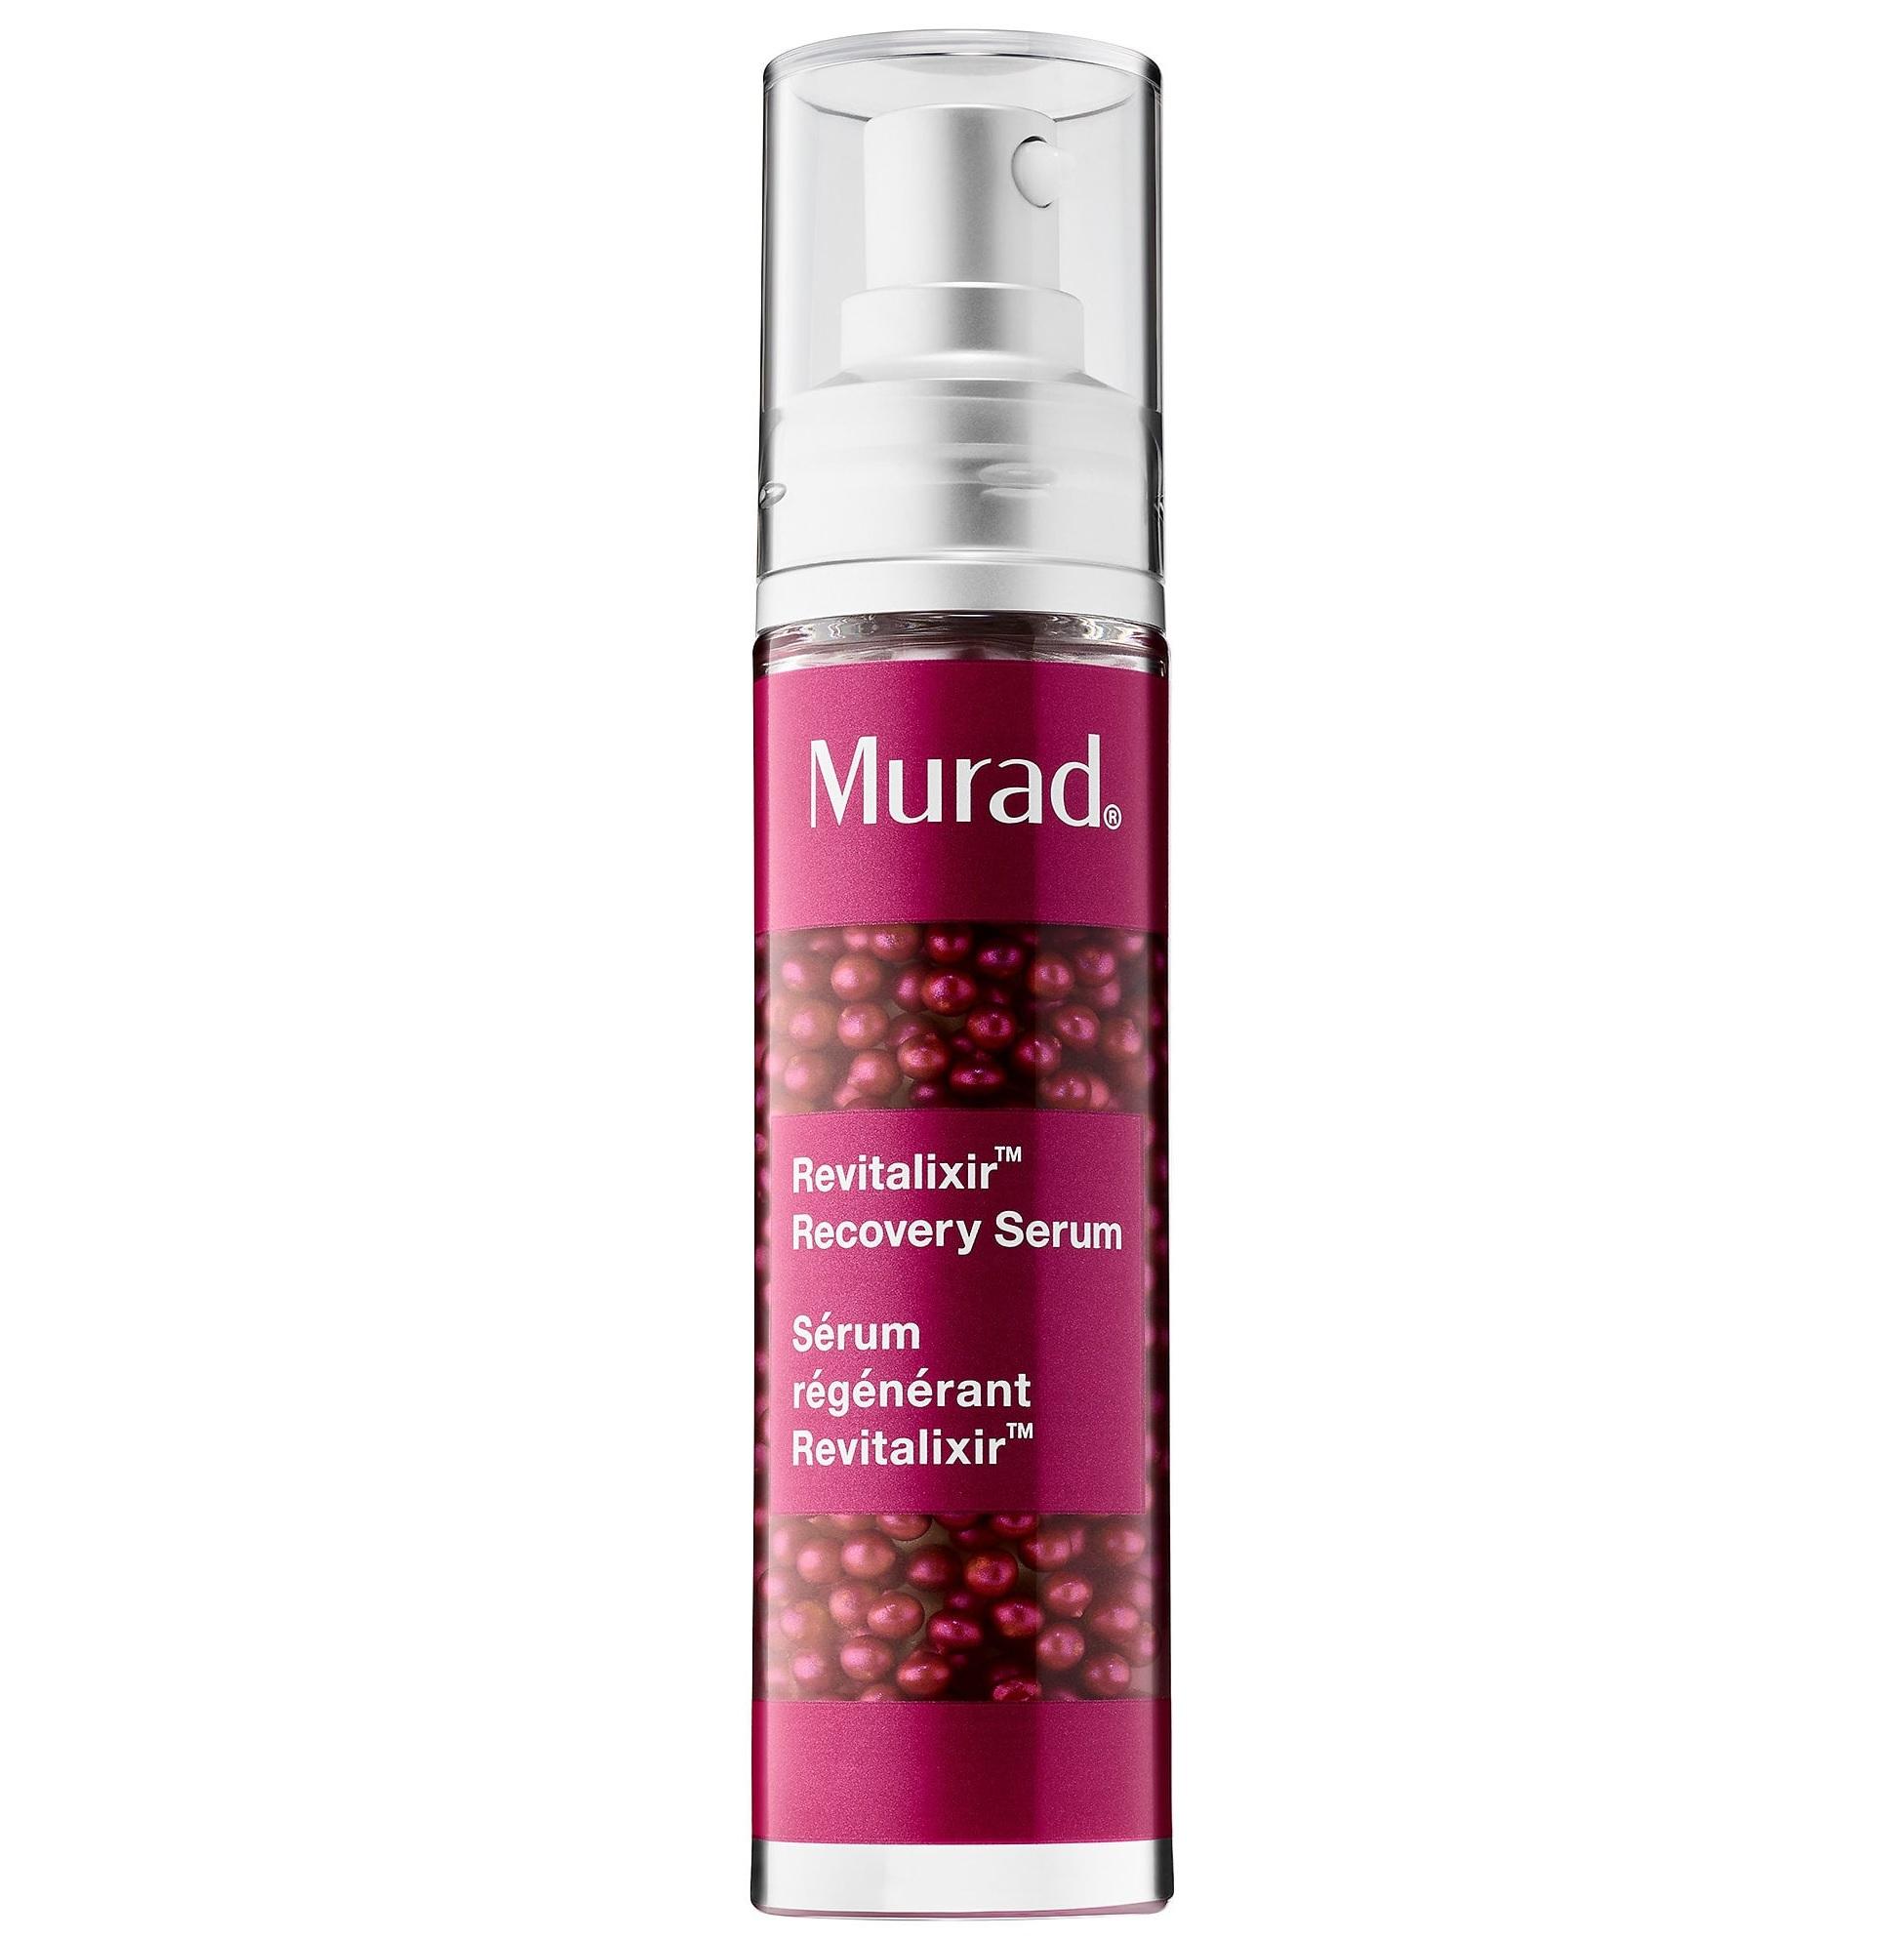 Murad Revitalixir Recovery Serum promete suavizar las líneas de estrés, reducir la hinchazón de los ojos y las ojeras, y renovar la vitalidad inmediatamente y con el paso del tiempo. (Suministrada)